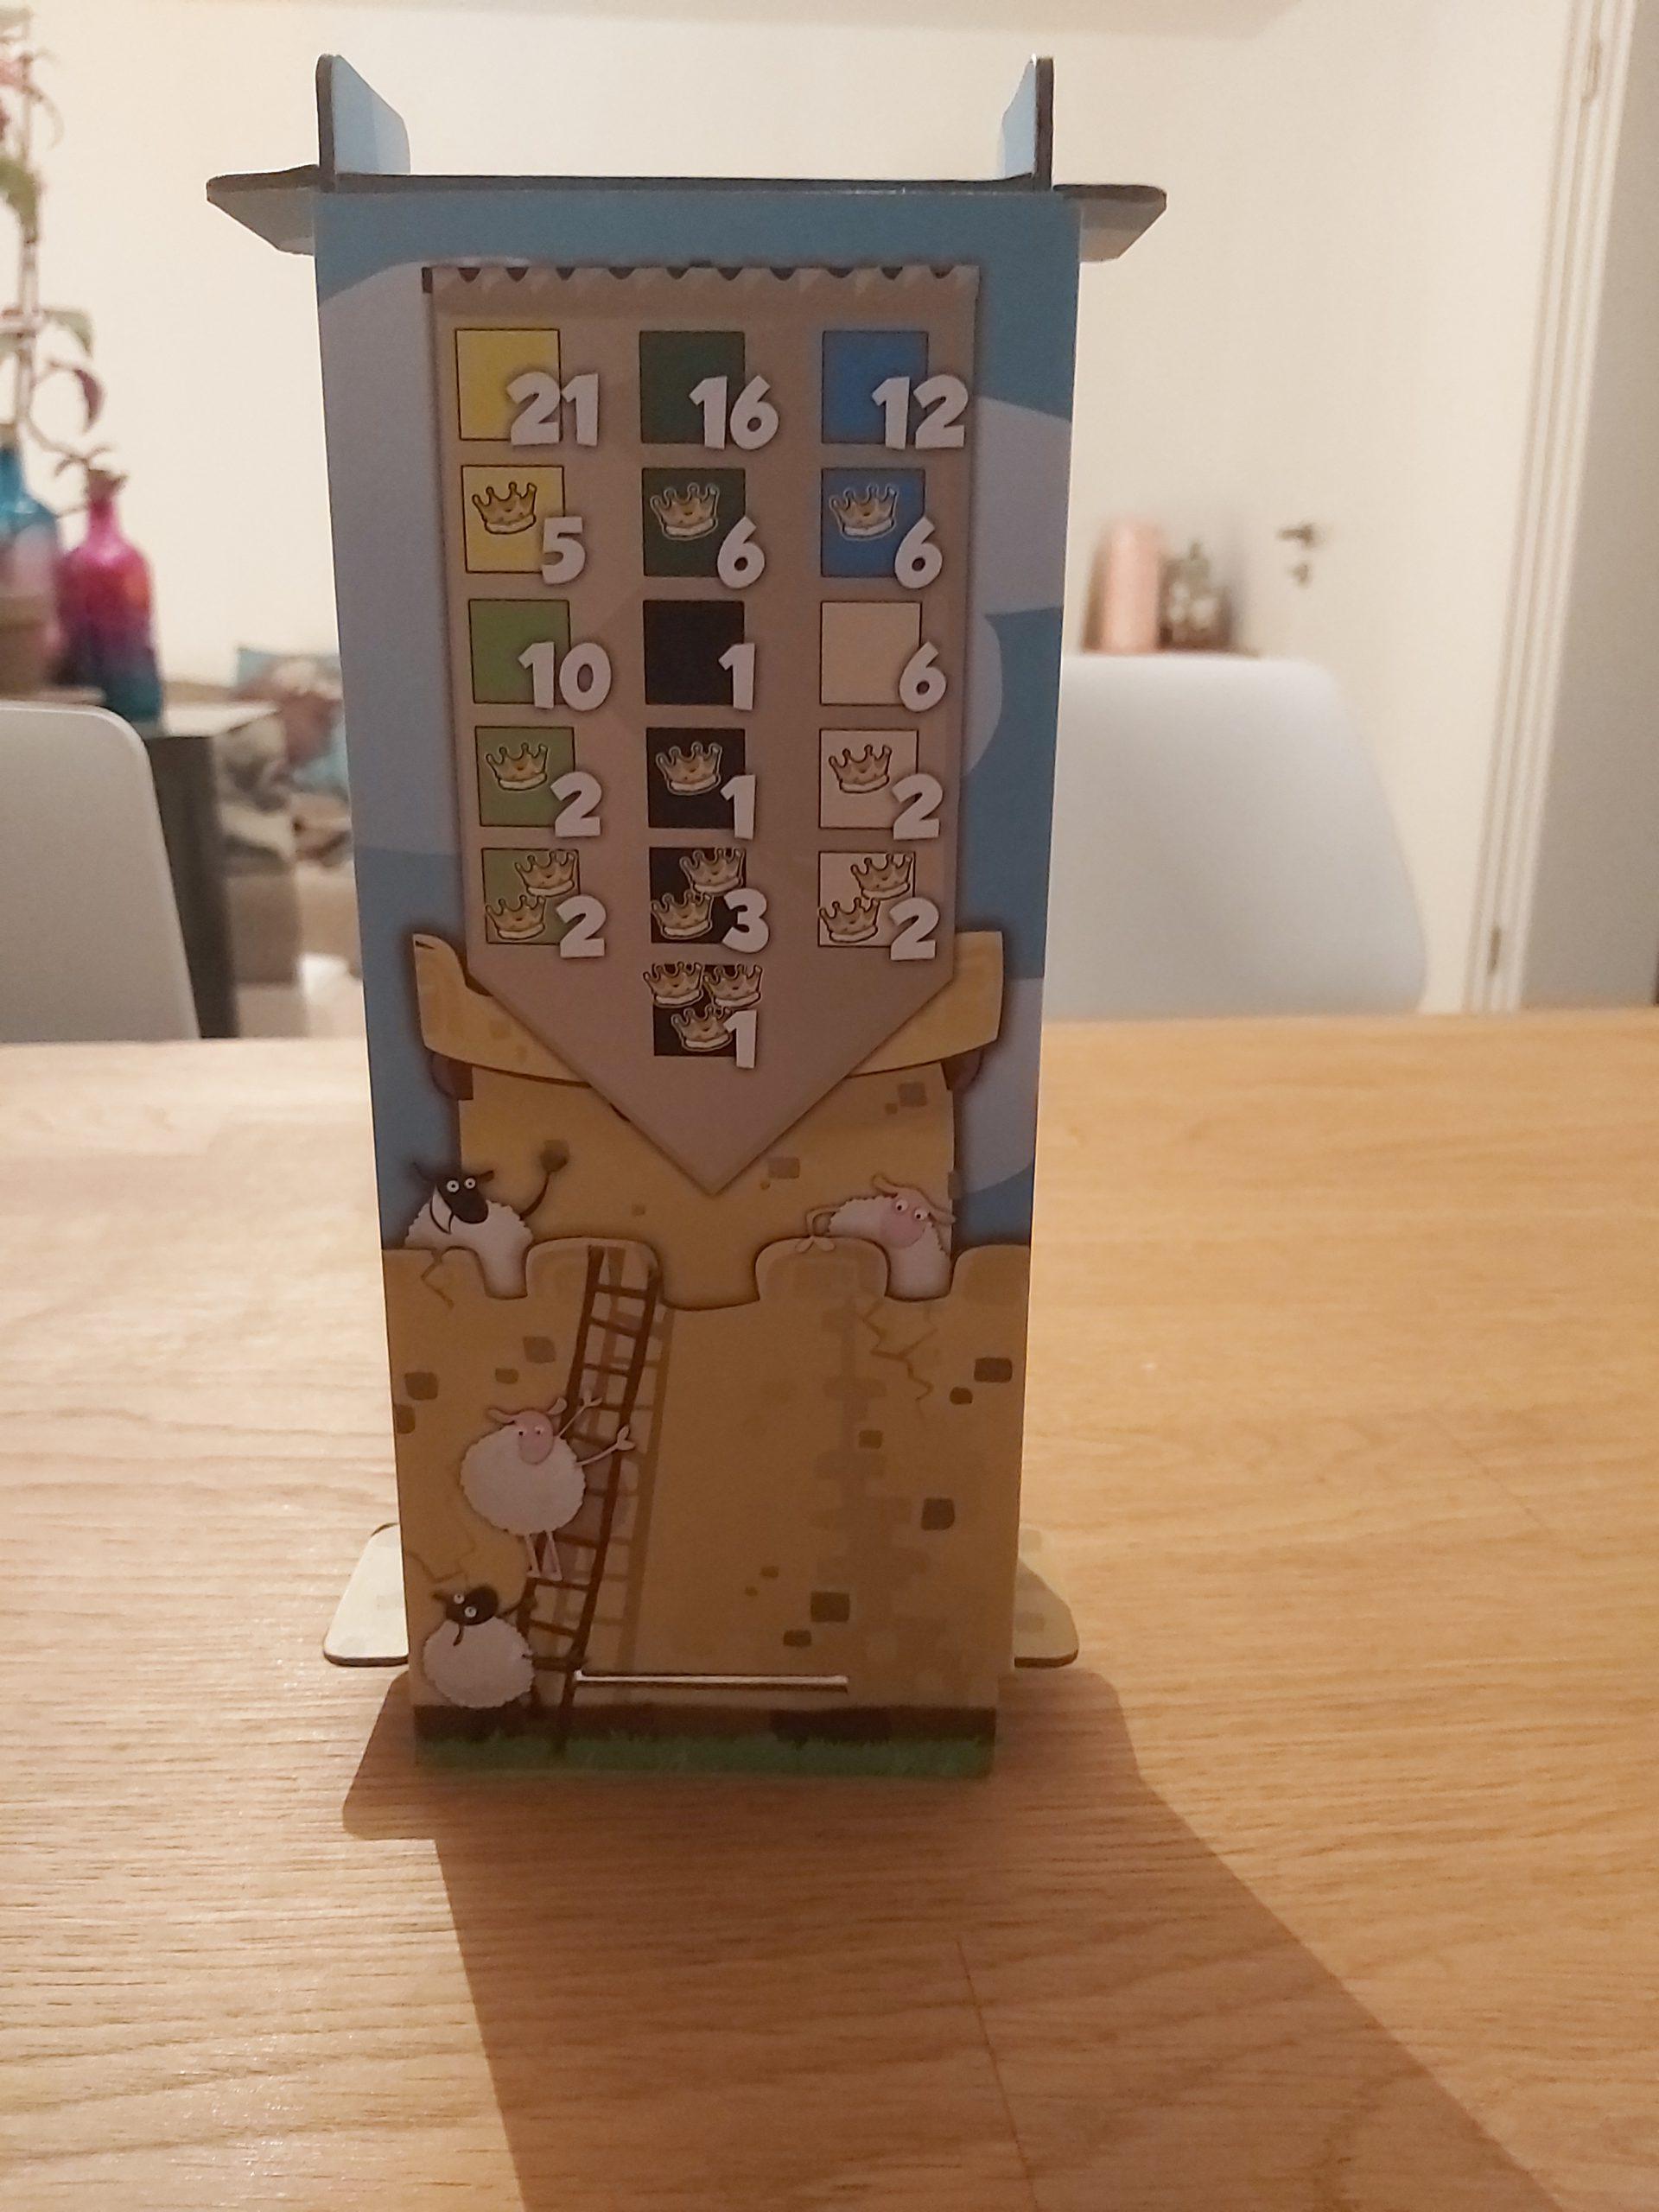 Zu sehen ist der Turm, in dem die Domino Steine verstaut werden.